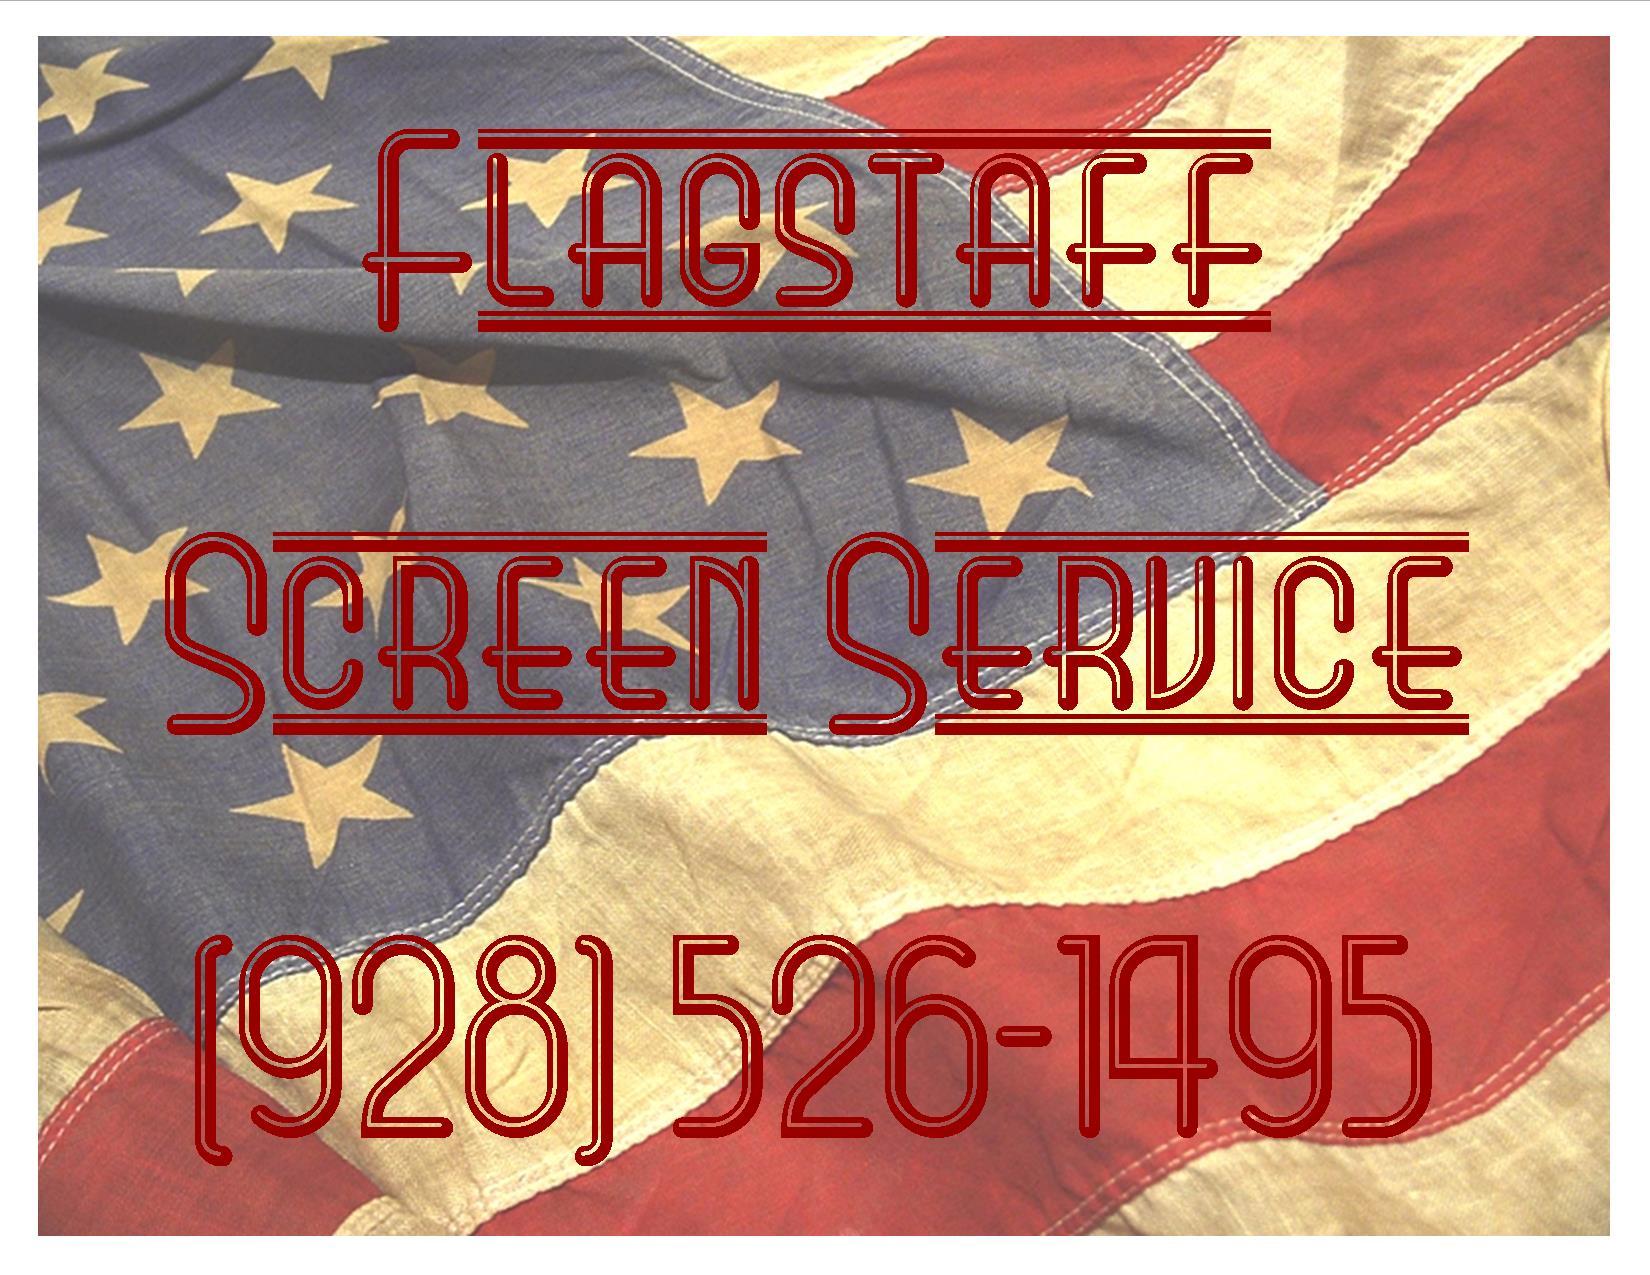 Flagstaff Screen Service